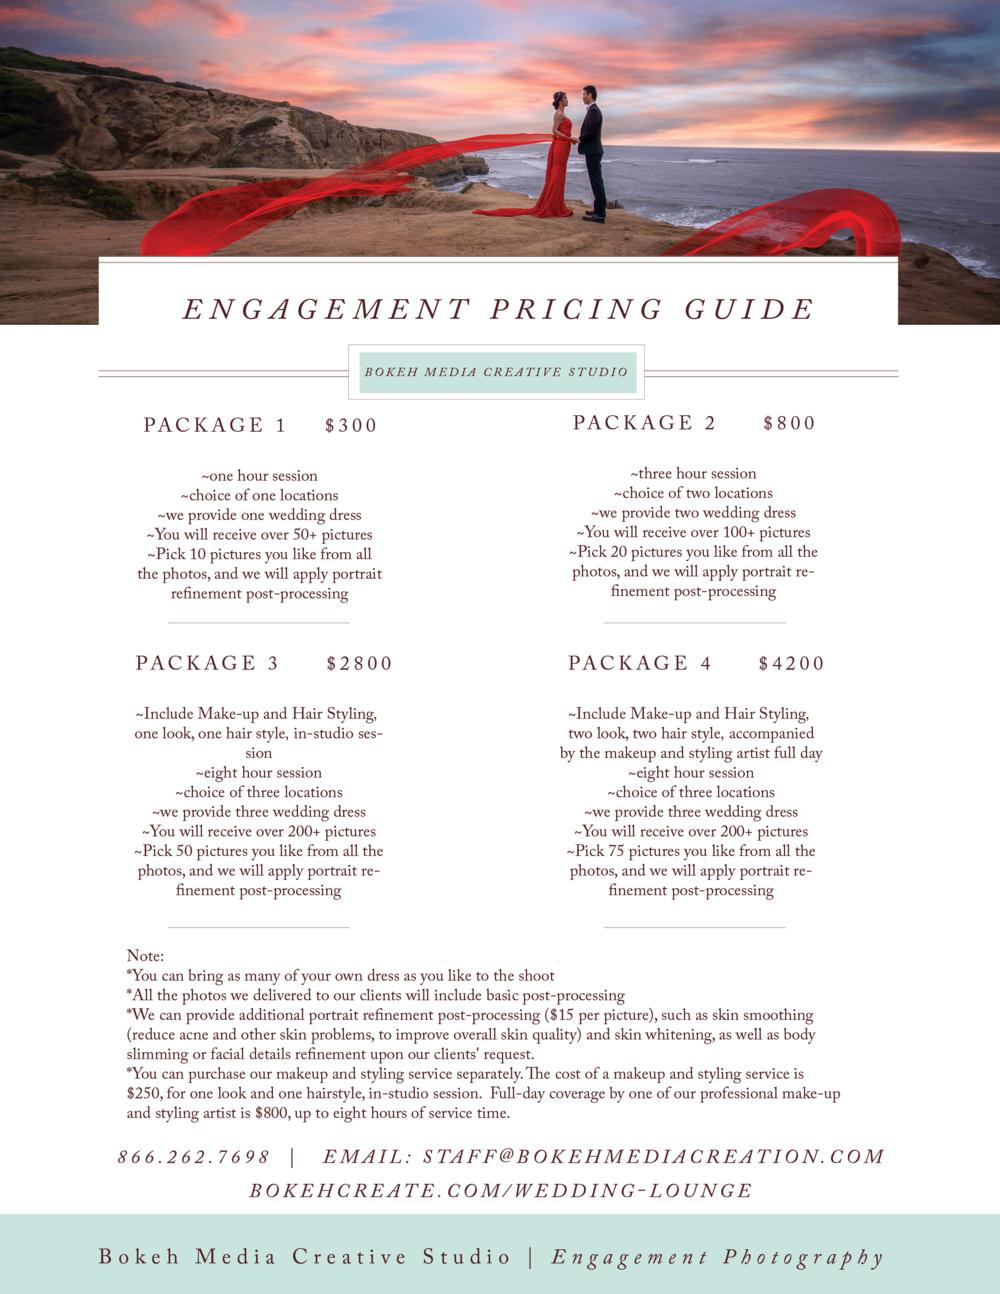 Bokeh Media Engagement Pricing Guide.jpg